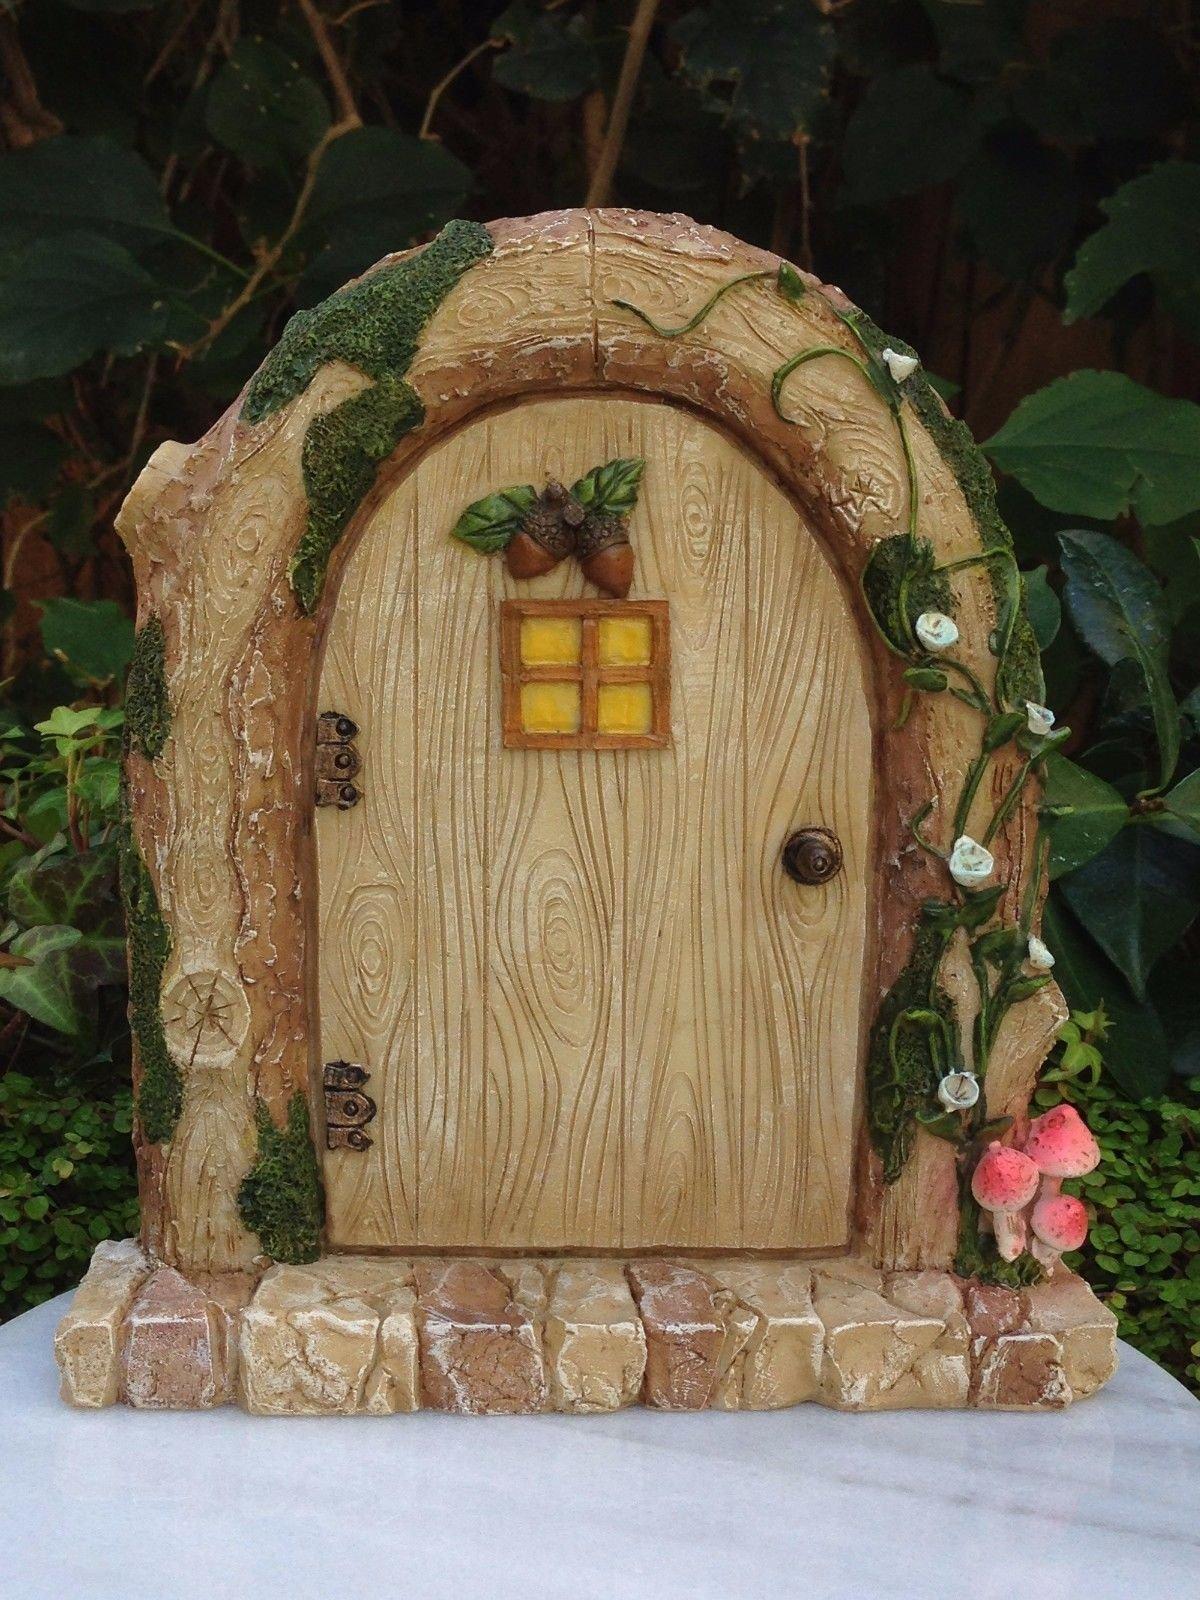 Miniature Dollhouse Fairy Garden Resin Charming Wood Log Fairy Door